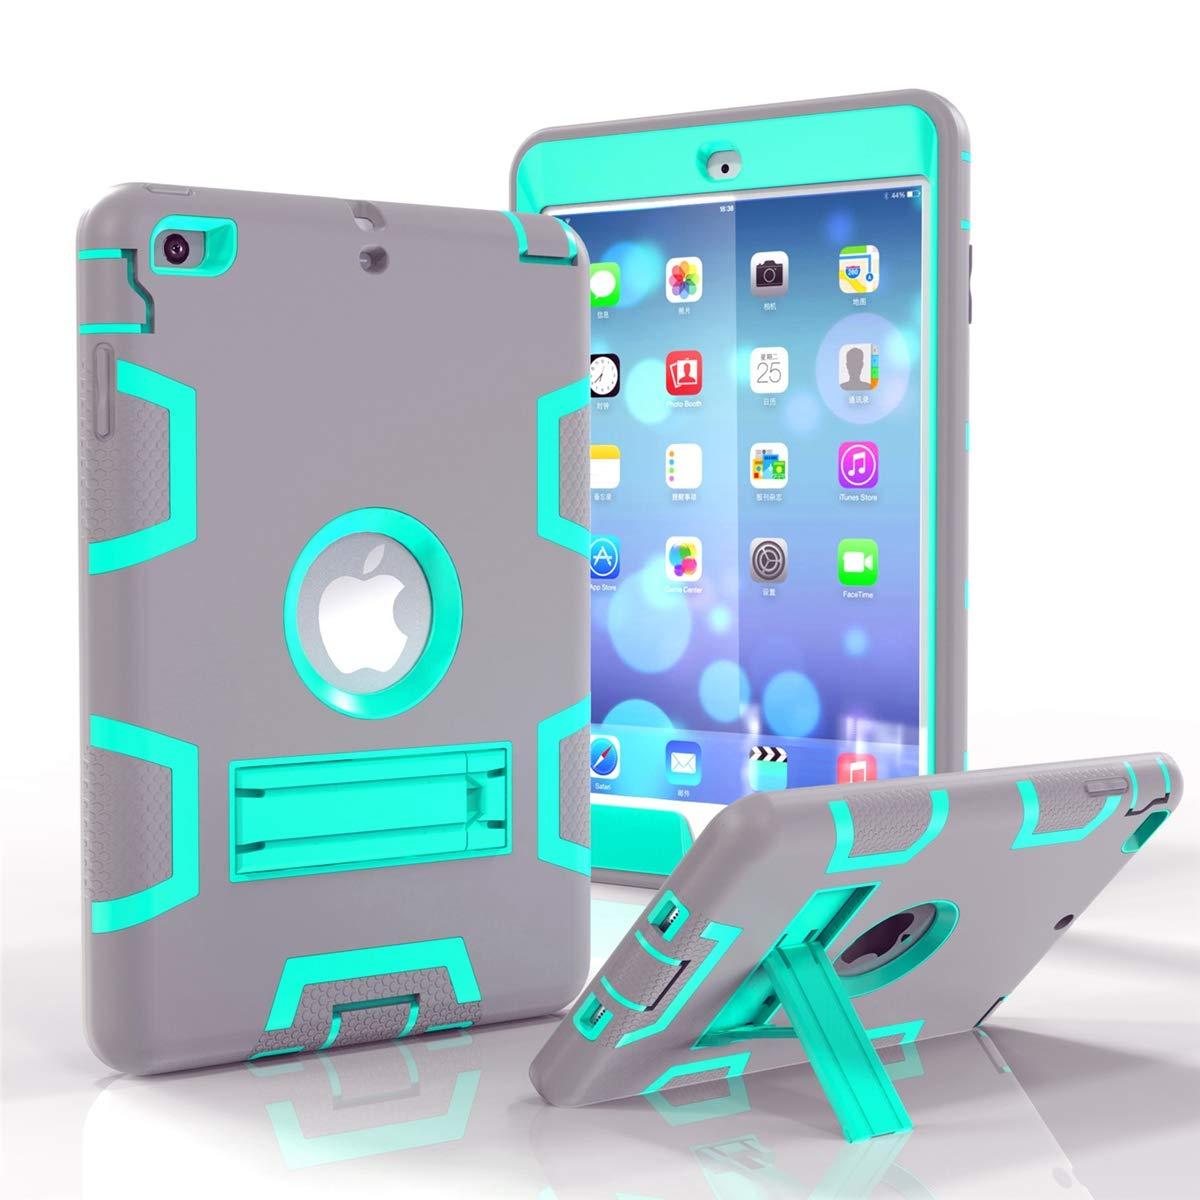 品質保証 Codream iPad Mini 1 + 2 3 3 ケース ハイブリッド 耐衝撃 Mini スリムカバー フィット スクラッチ, ELRI-OT-464 Grey + Aqua B07L9BF7LZ, Kicks-Online:fd099817 --- a0267596.xsph.ru